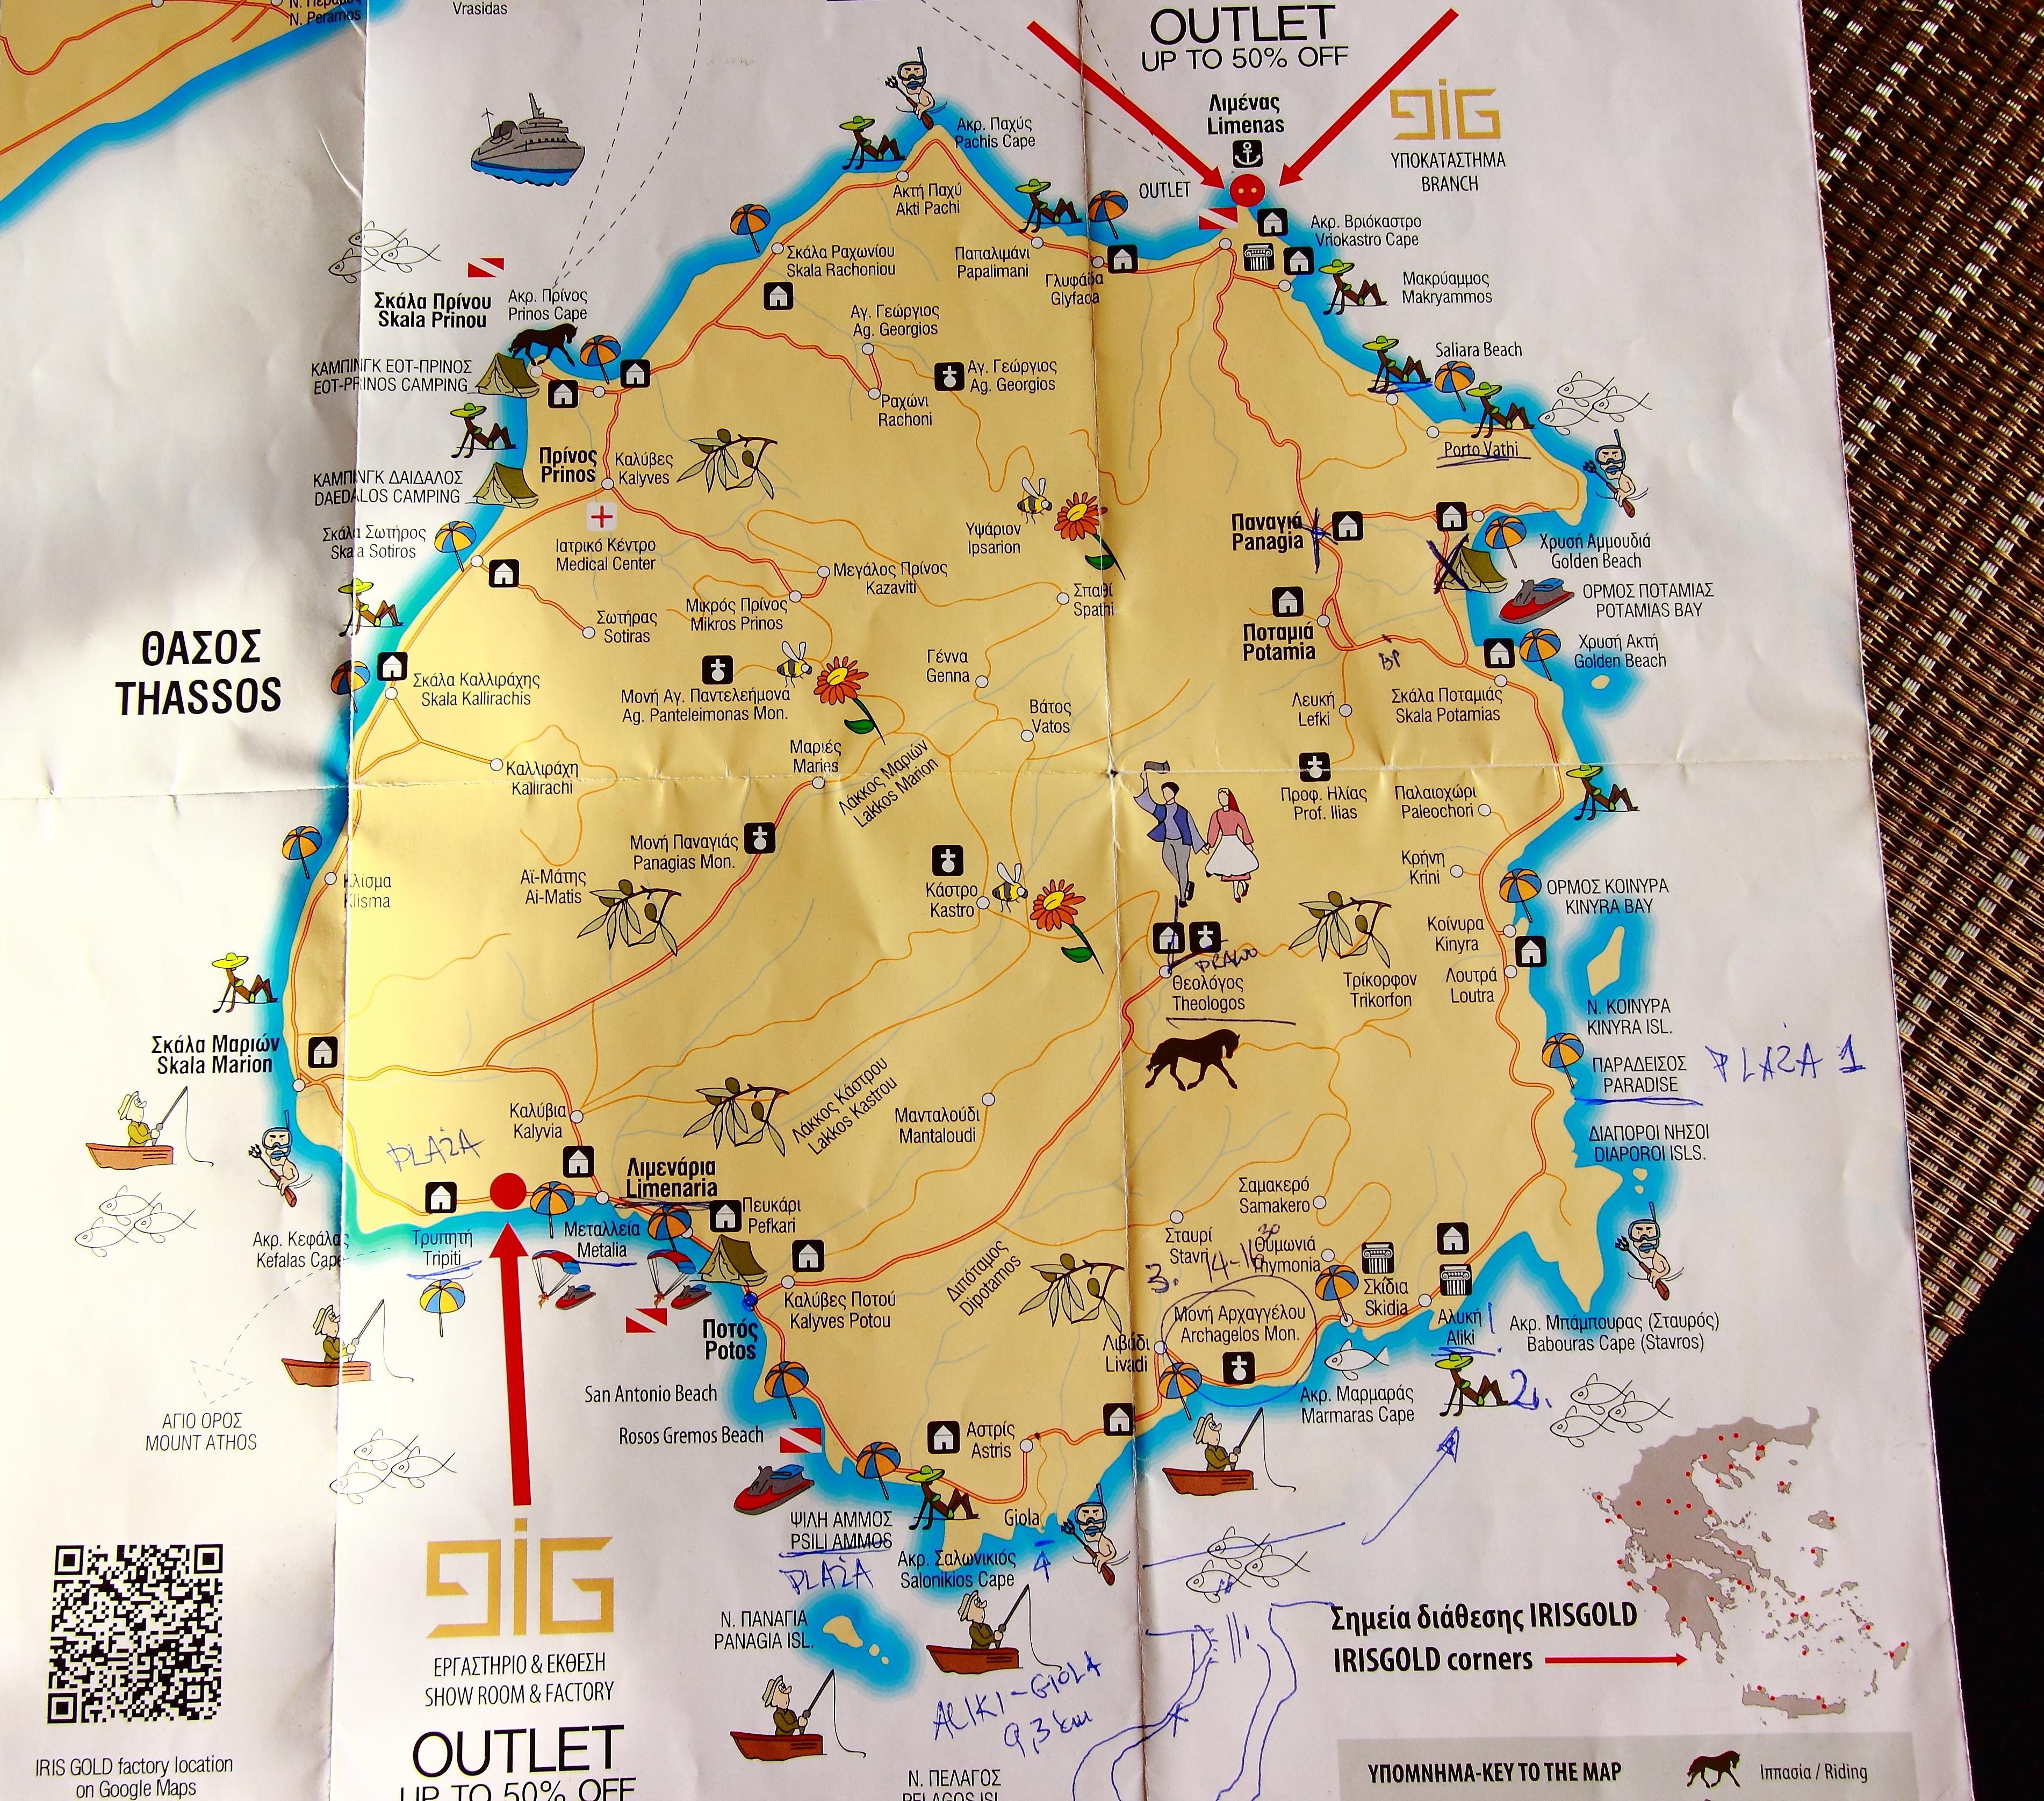 Mapa Thassos. Przygodę rozpoczęliśmy na wschodzie wyspy w Skali Potamias, kierując zgodnie z ruchem wskazówek zegara.